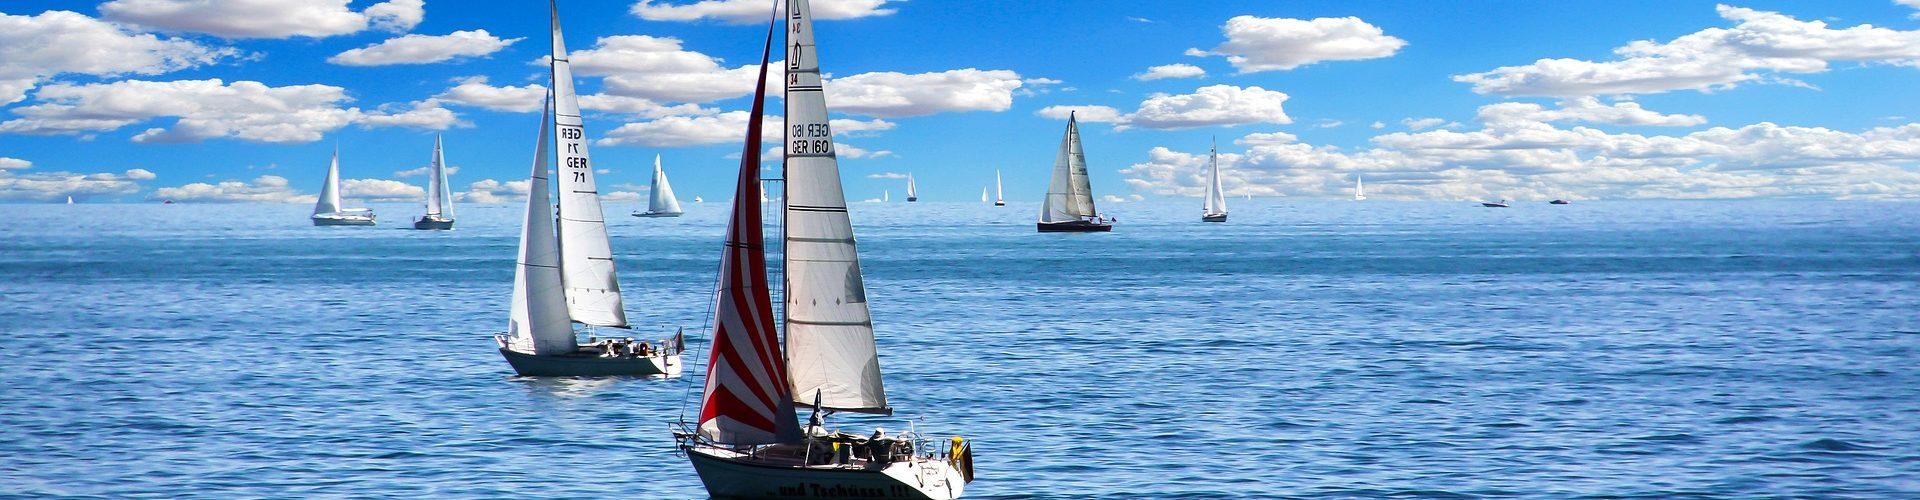 segeln lernen in Traunstein segelschein machen in Traunstein 1920x500 - Segeln lernen in Traunstein